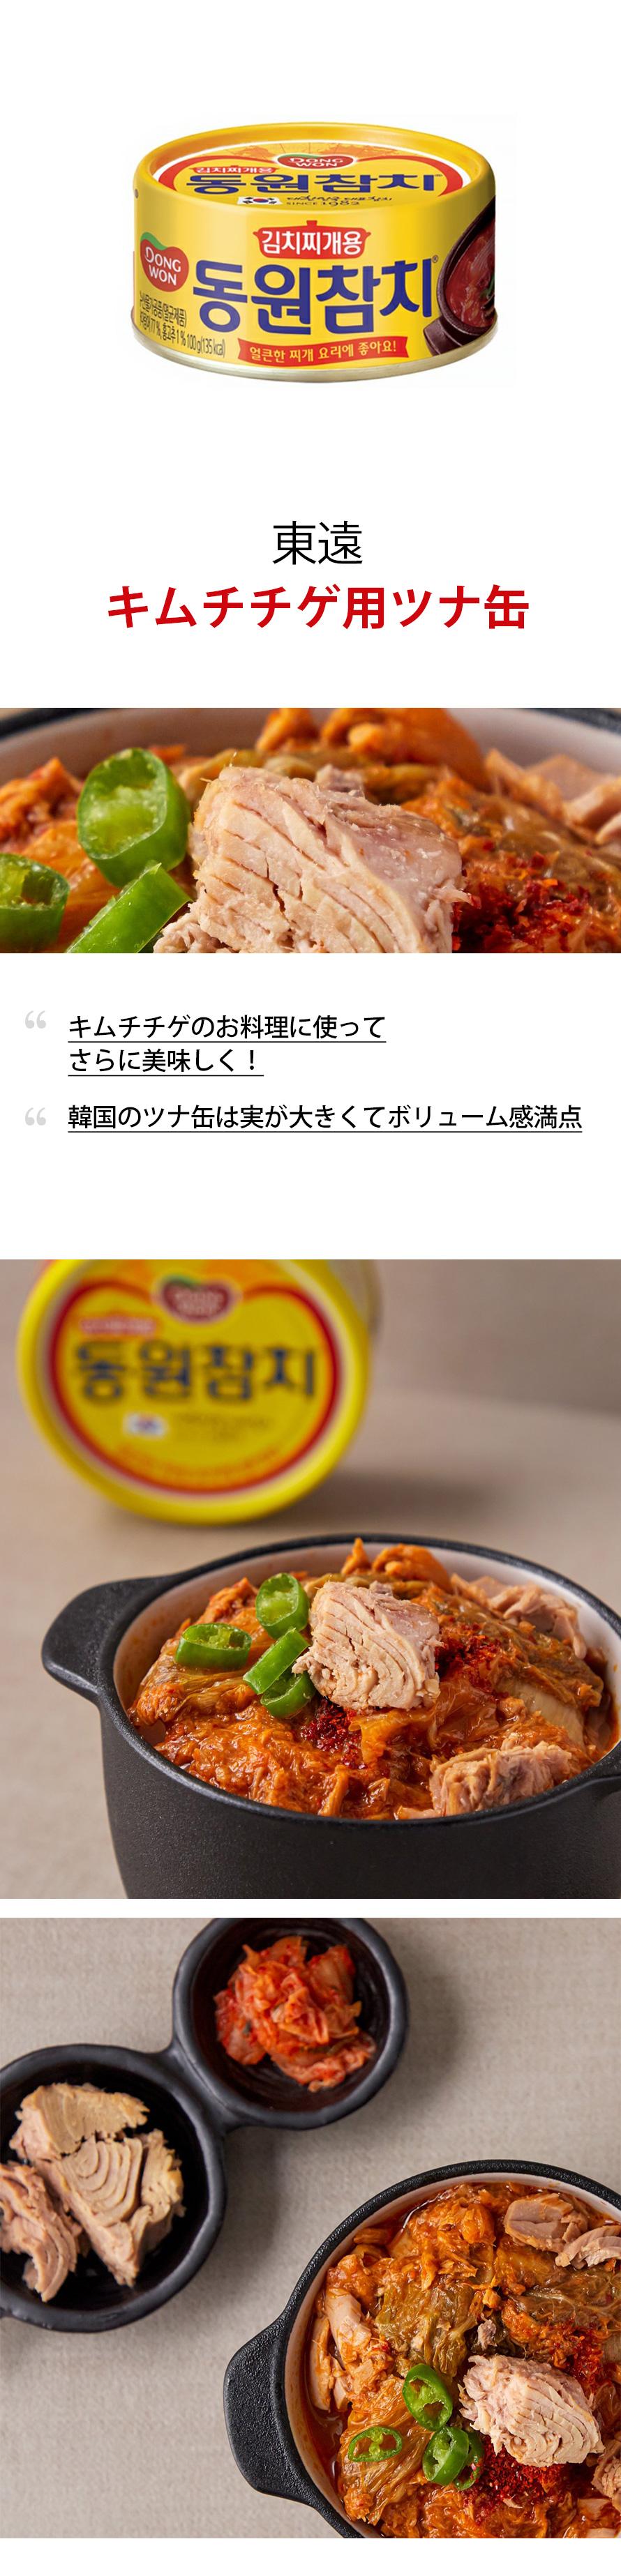 キムチチゲ用ツナ缶 100g